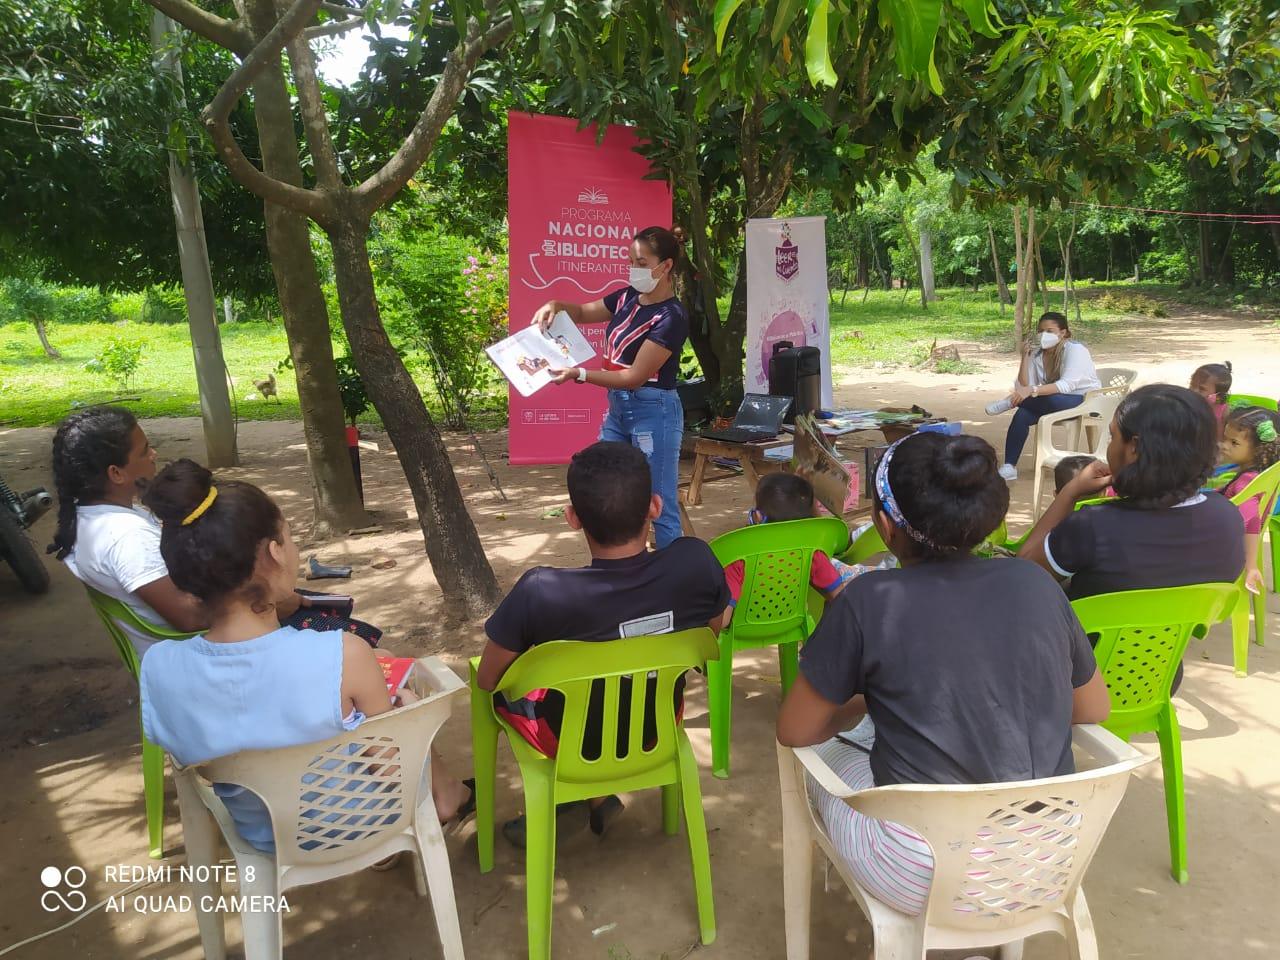 Niños reunidos durante una actividad cultural bajo los árboles.